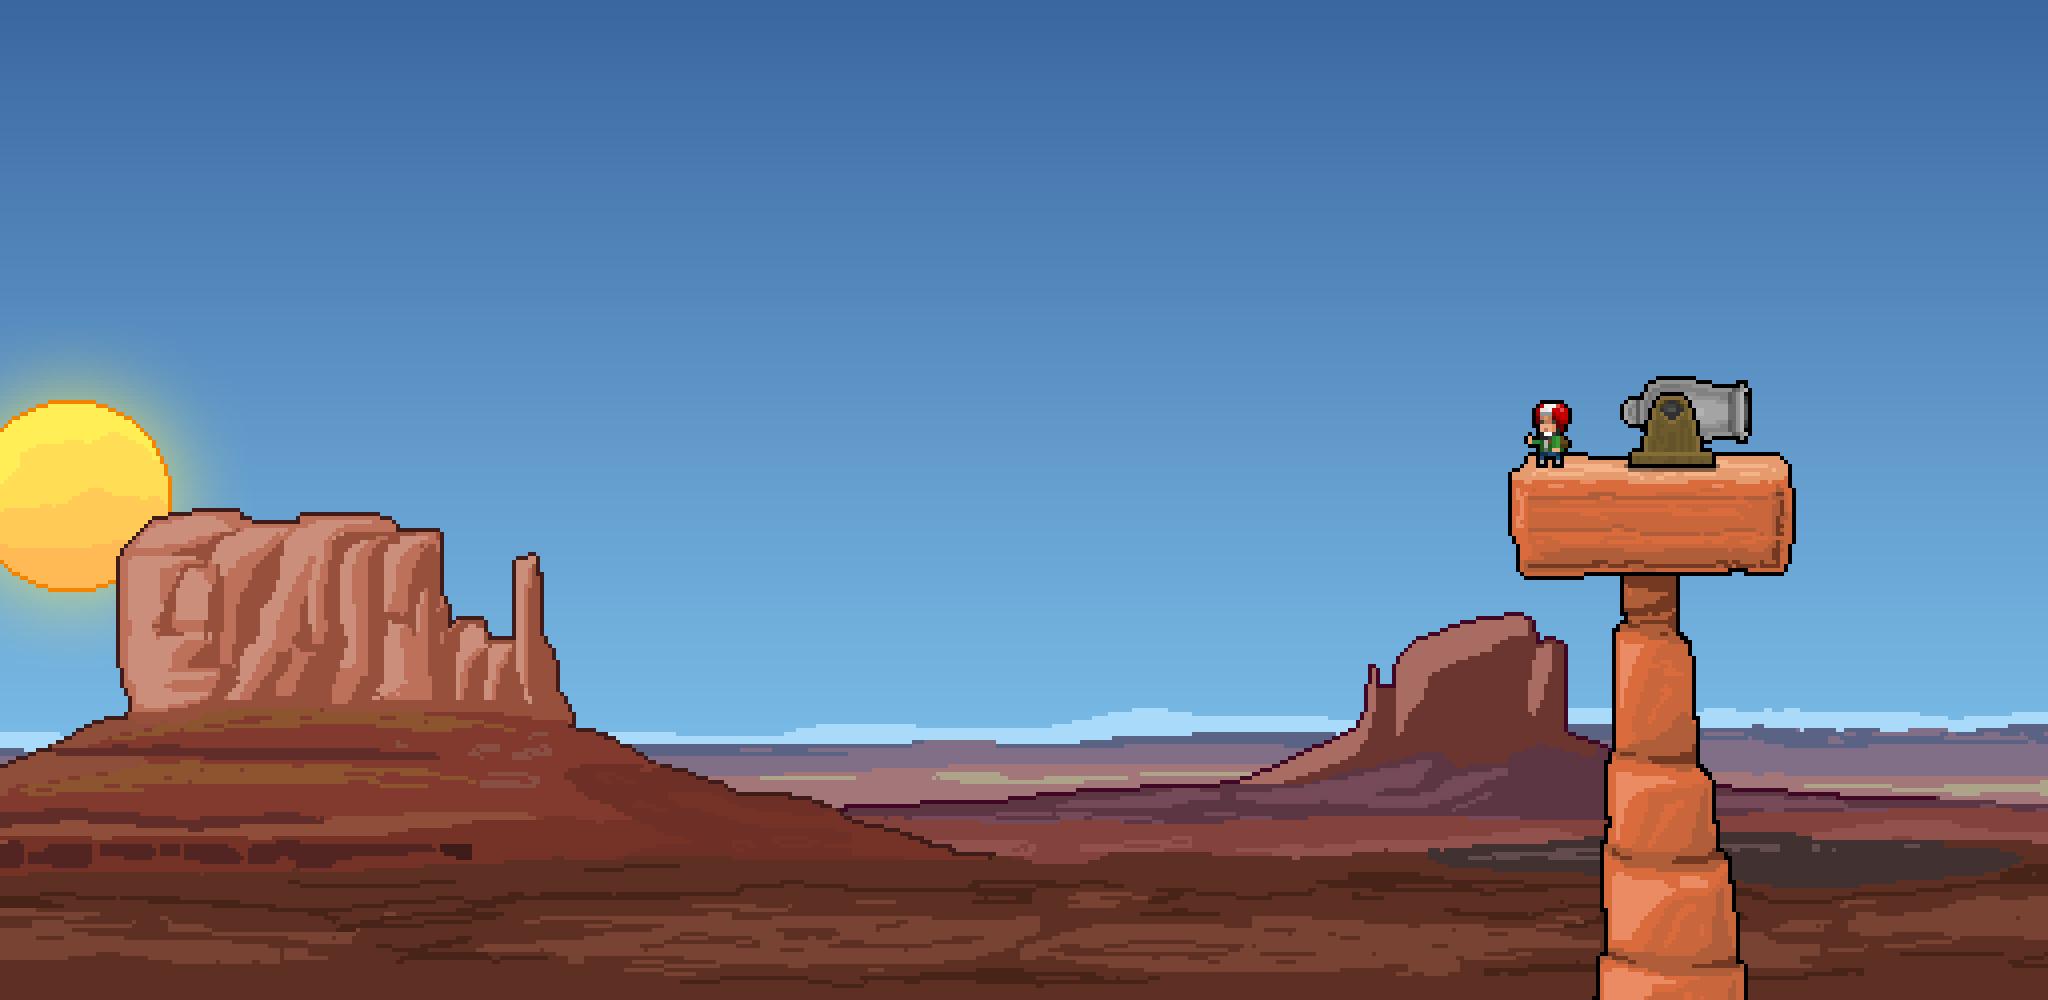 Human Cannonball Desert